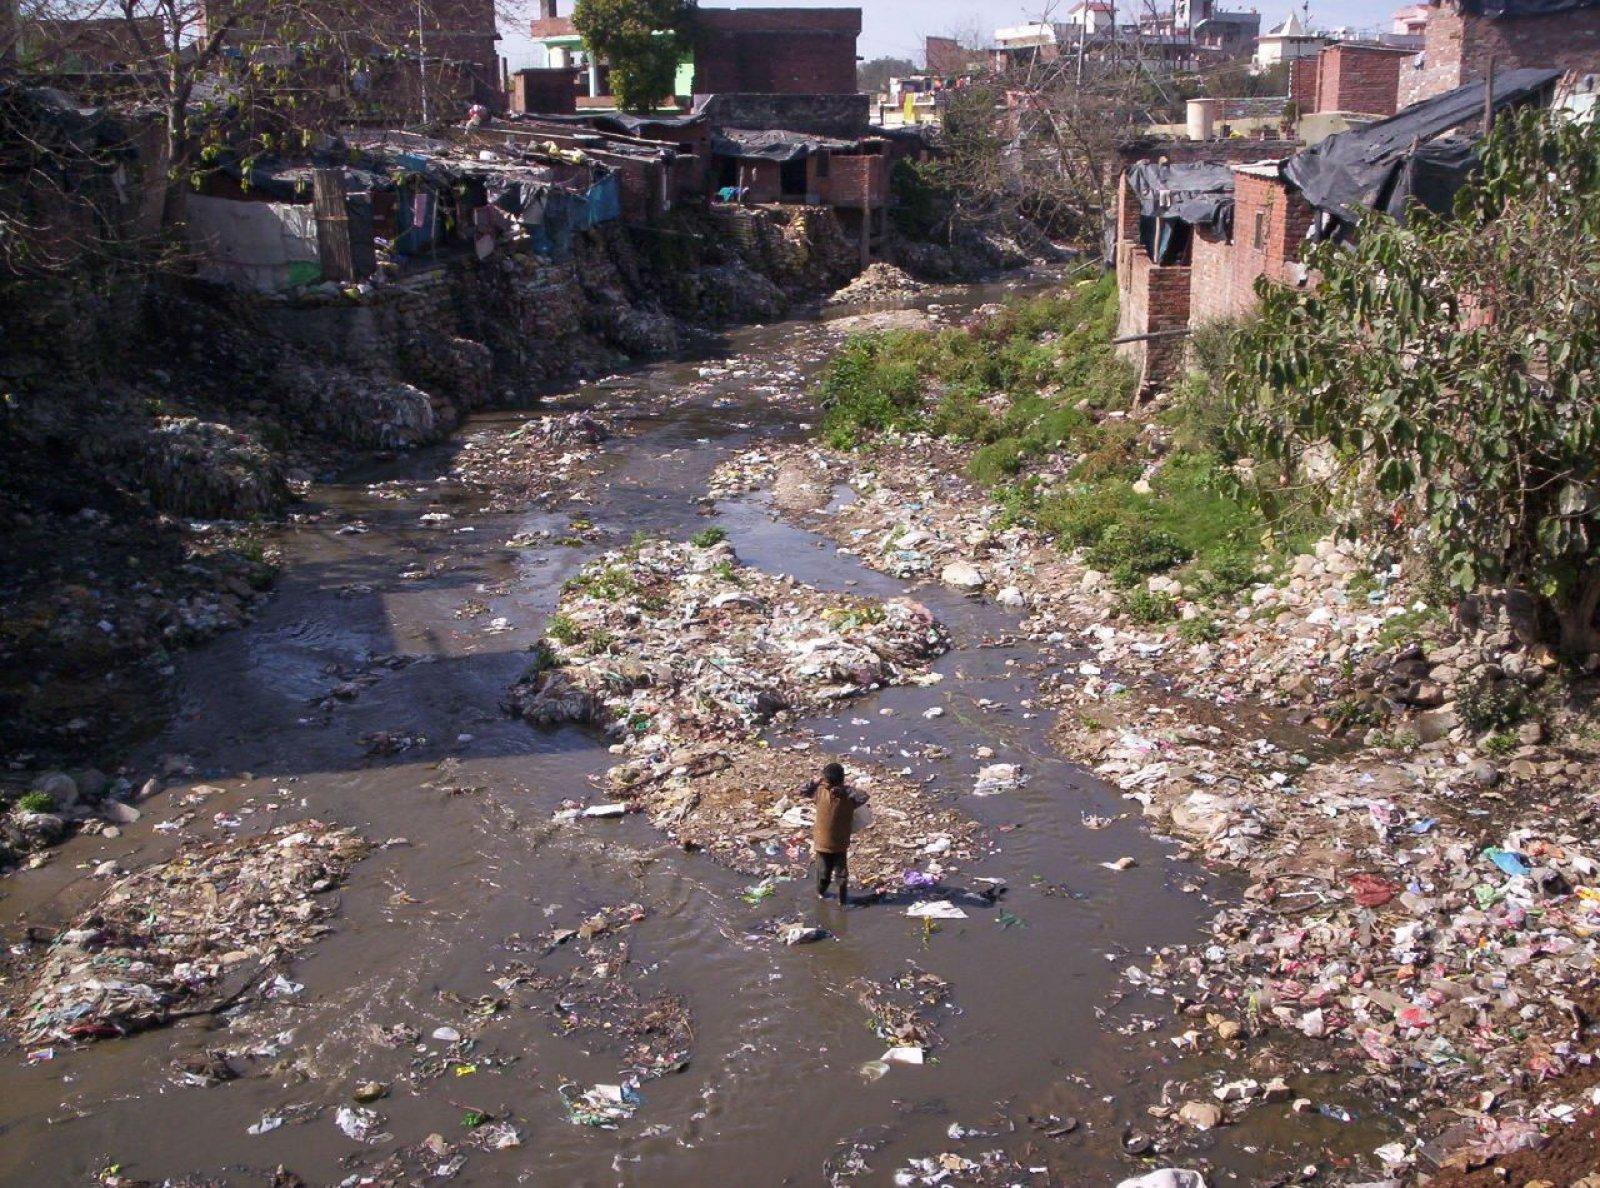 Un riu ple de deixalles transcorre pel mig d'un barri de barraques a l'Índia